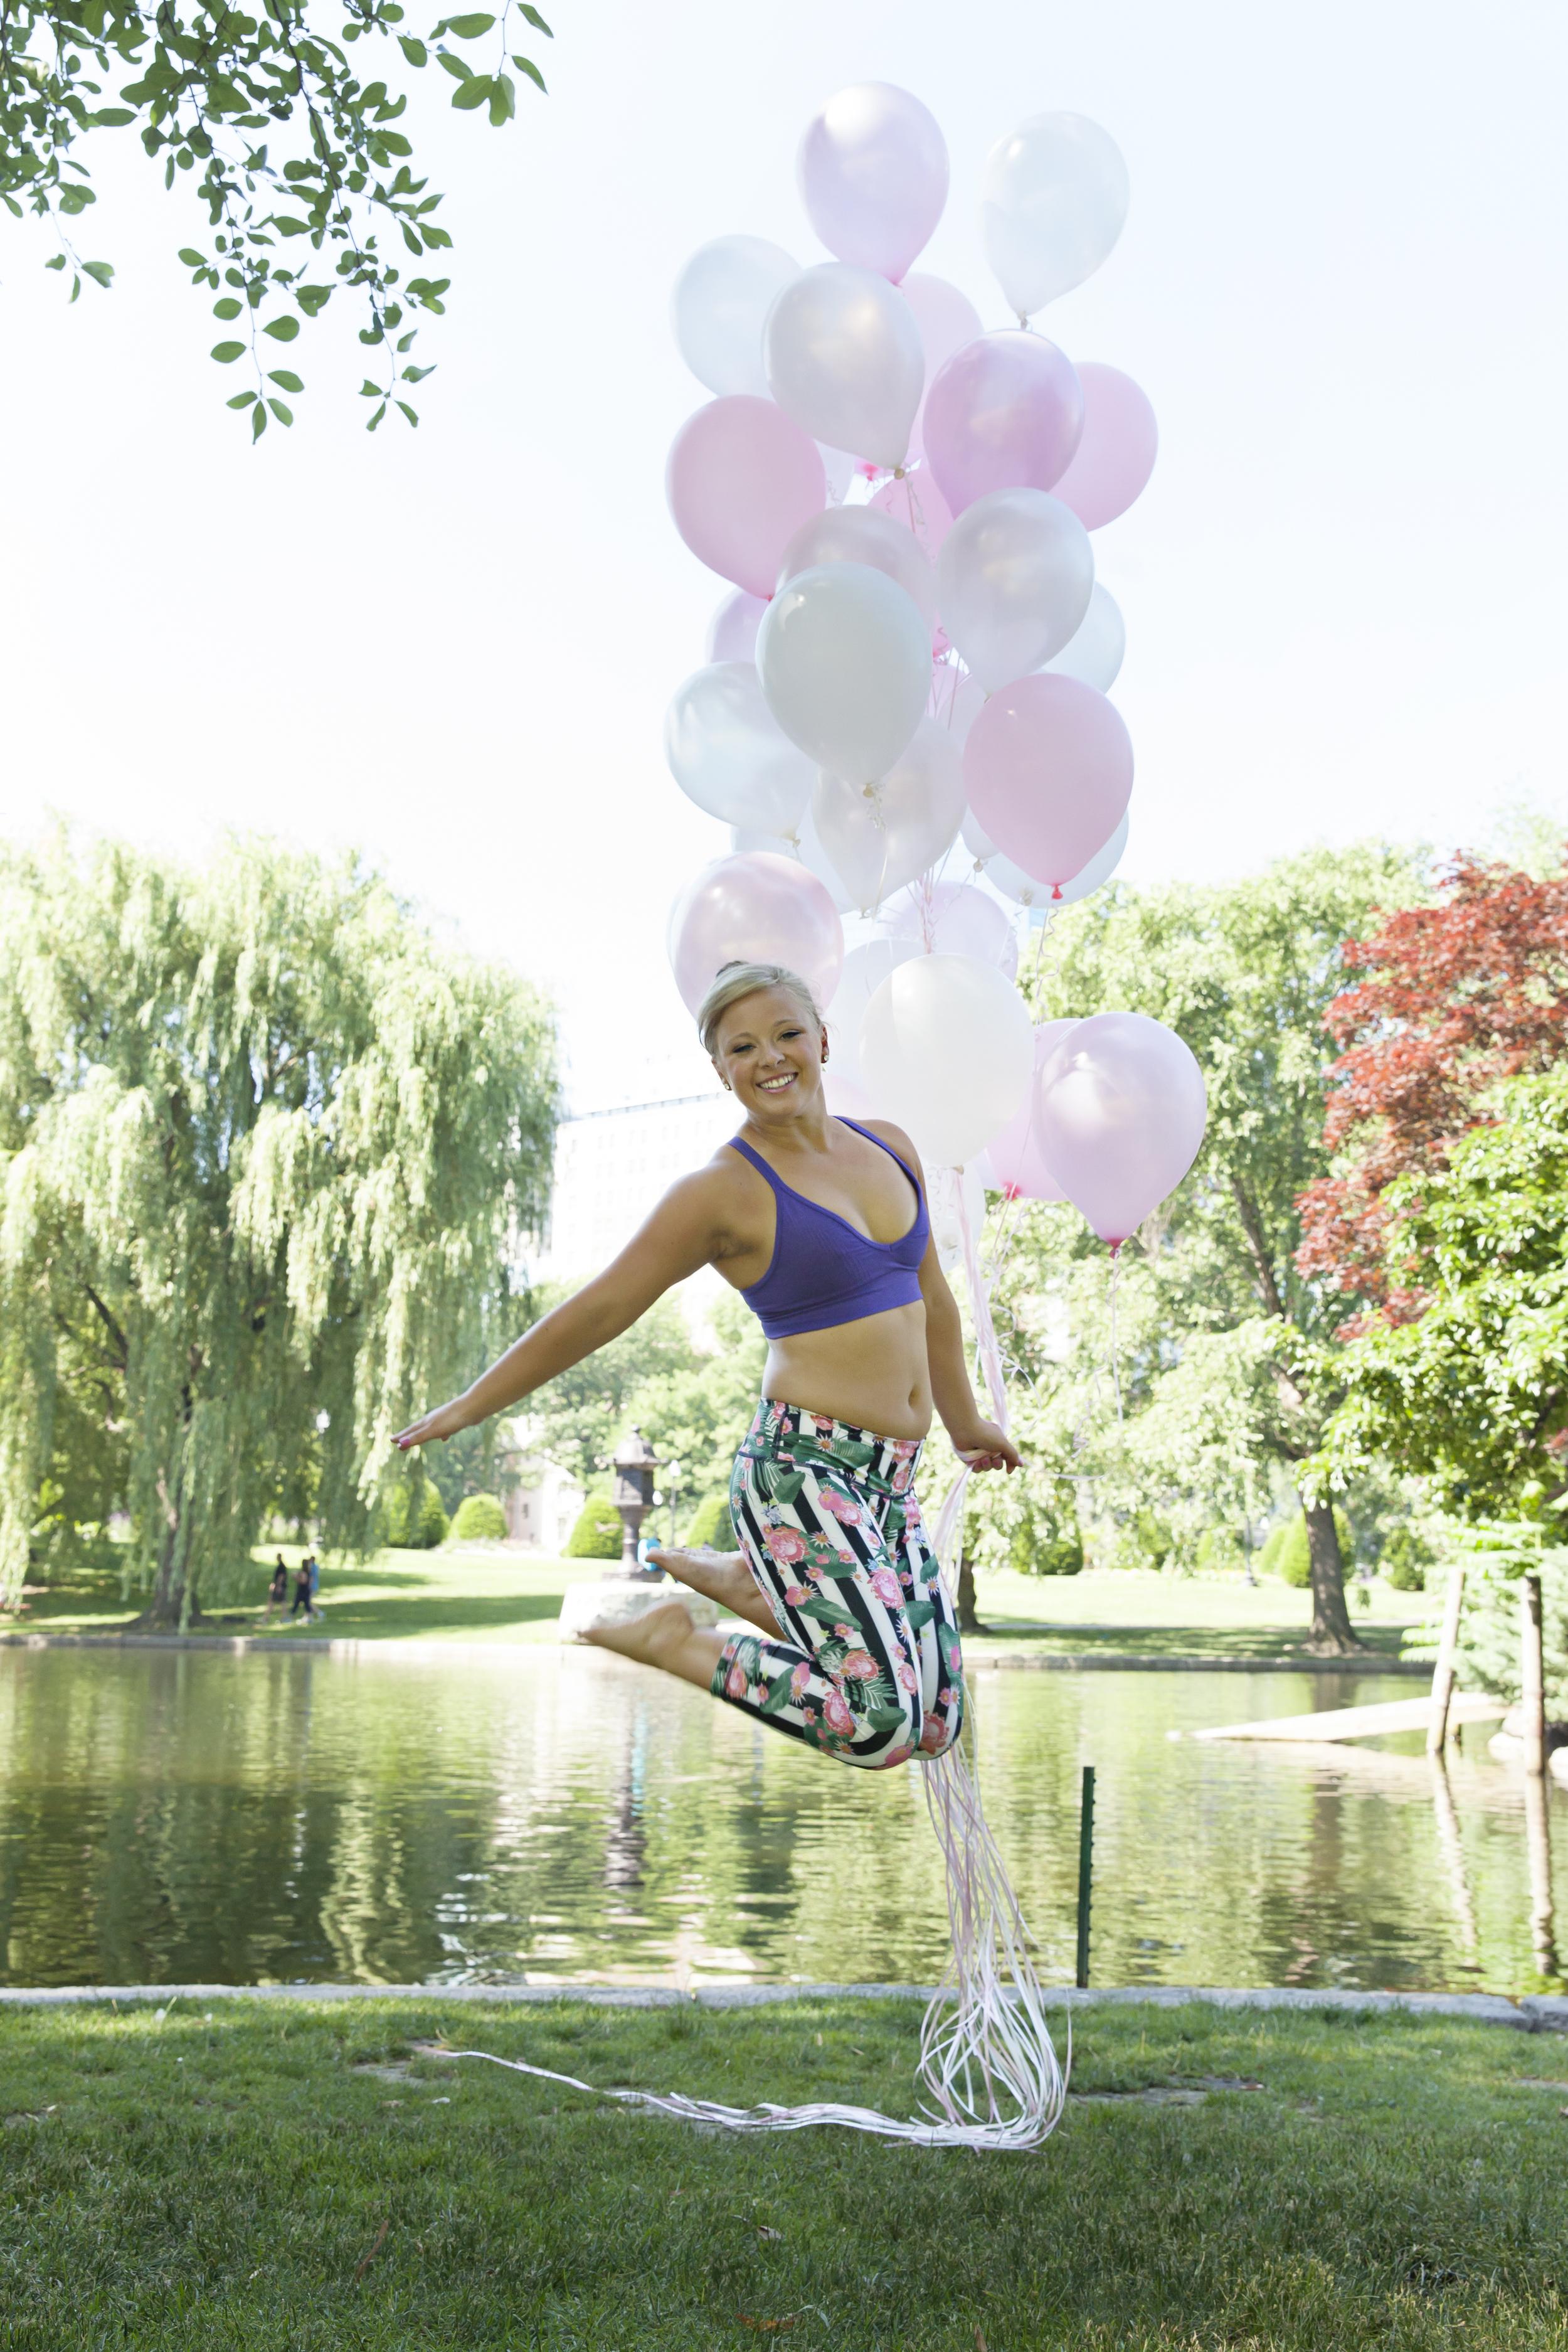 somafitnessballoons.jpg